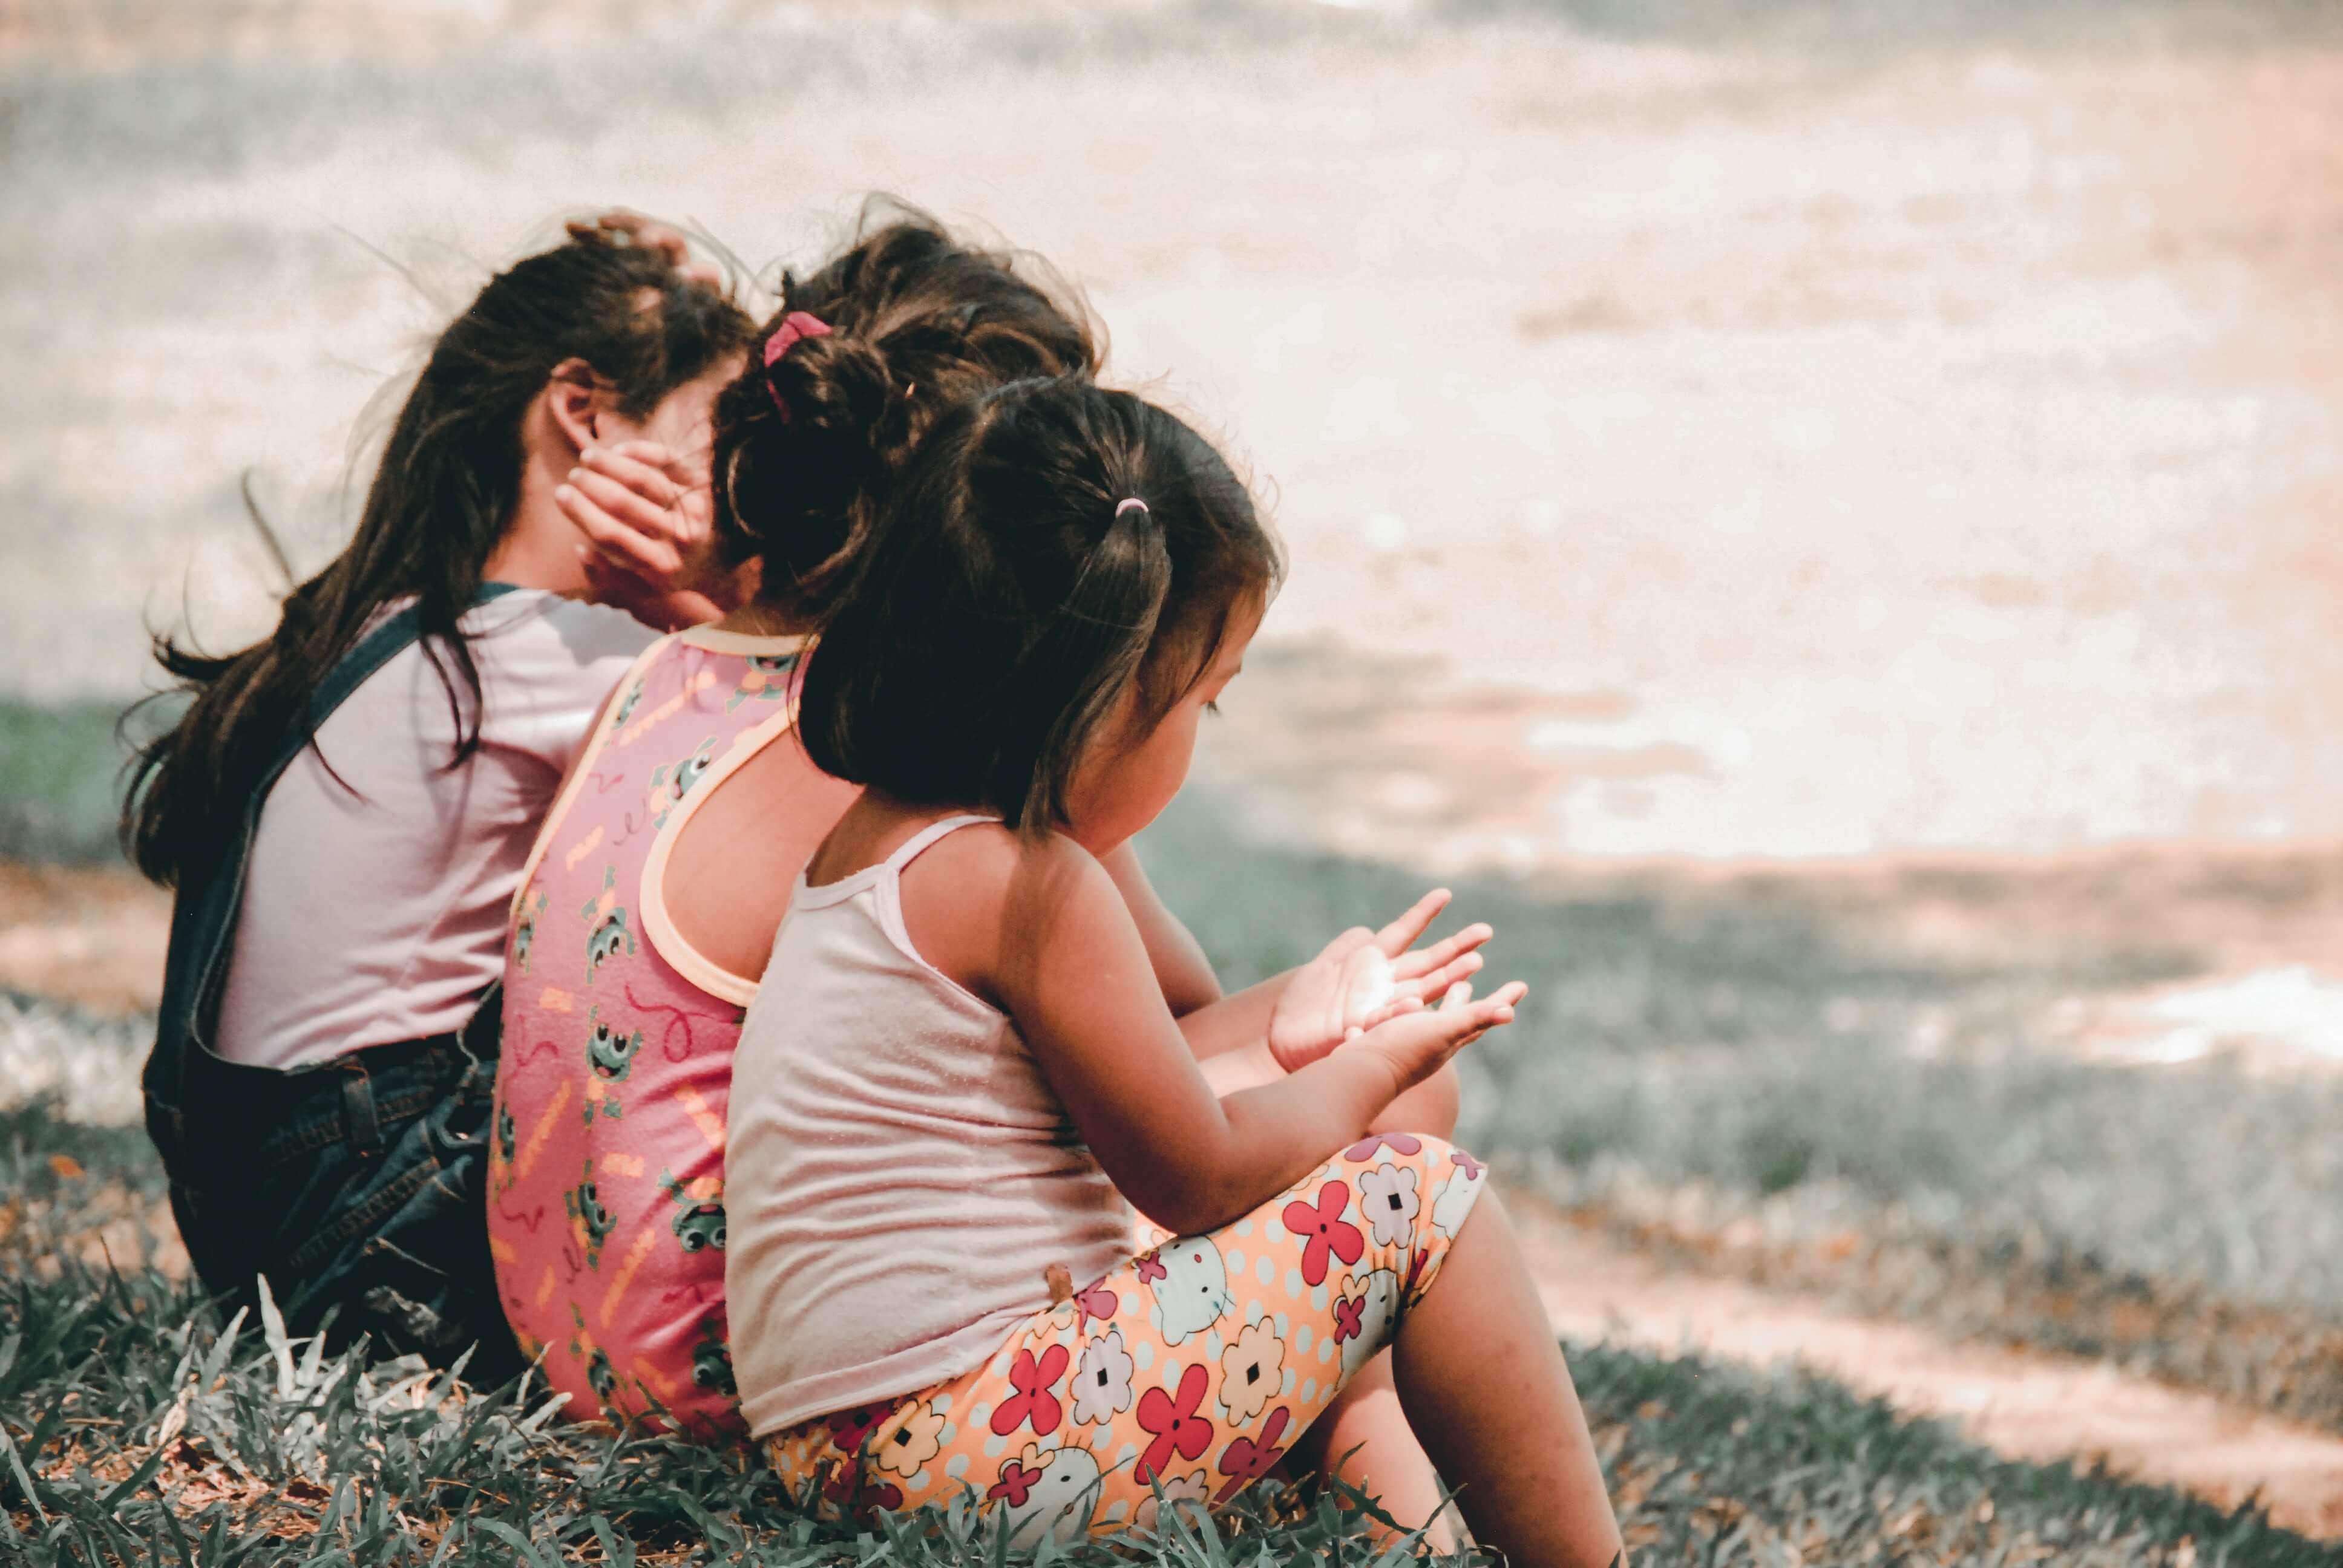 Cette génération et celles à venir ne seront pas les mêmes que celles qui nous ont précédées.